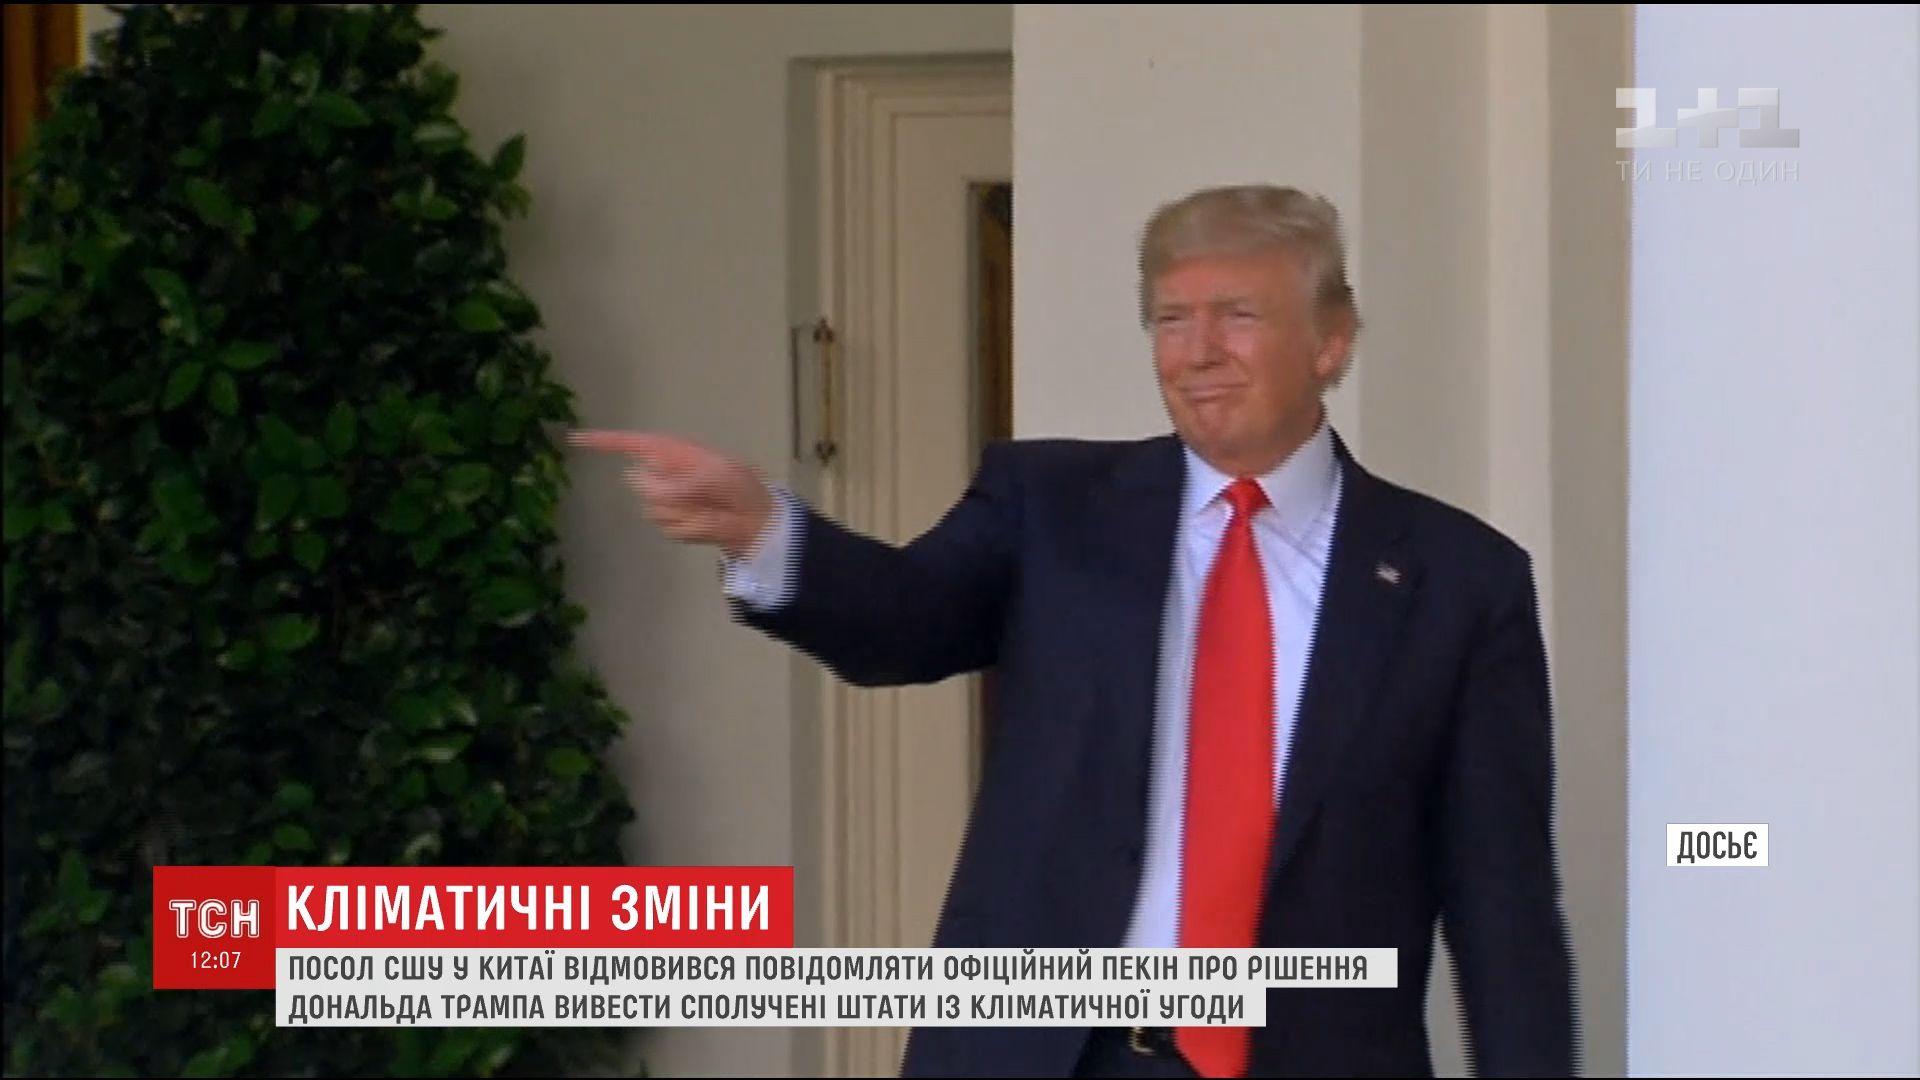 На прошлой неделе Трамп заявил, что сделка не выгодна США / скрнішот